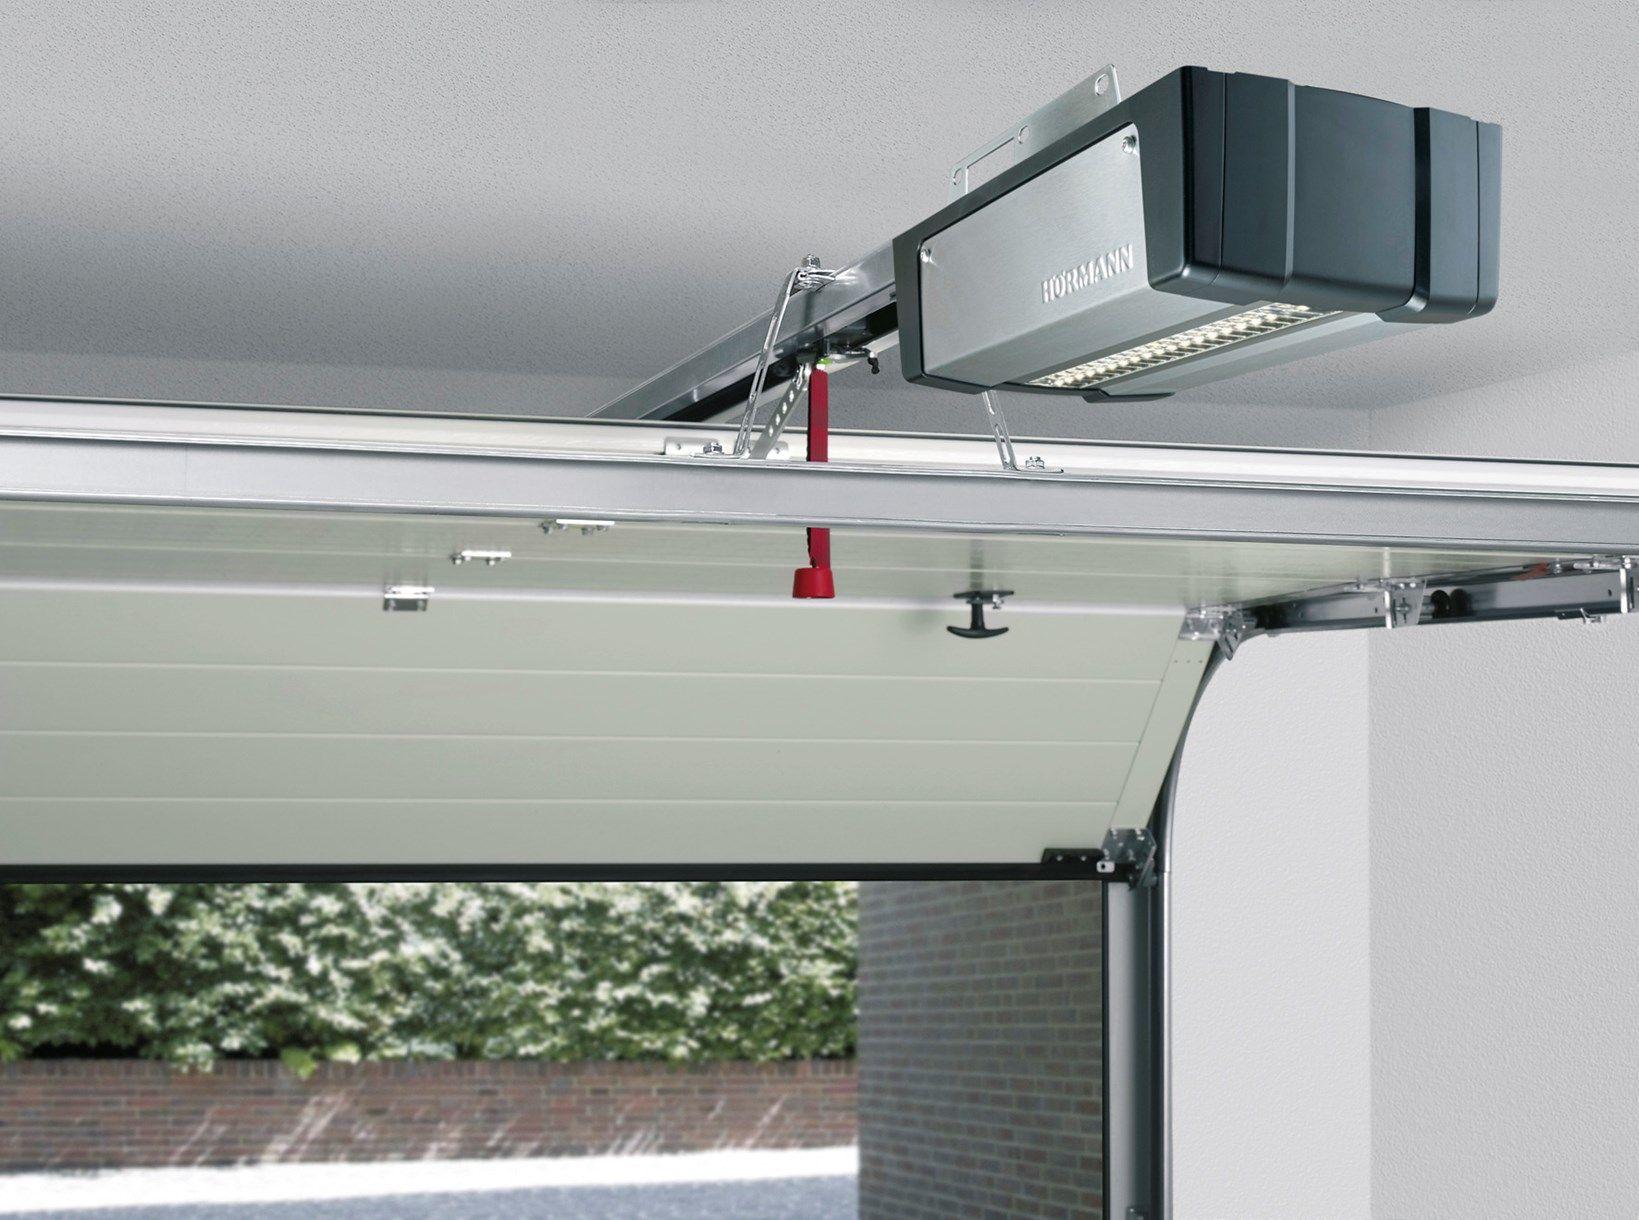 Spazi garage più salubri, grazie alle nuove motorizzazioni Hörmann